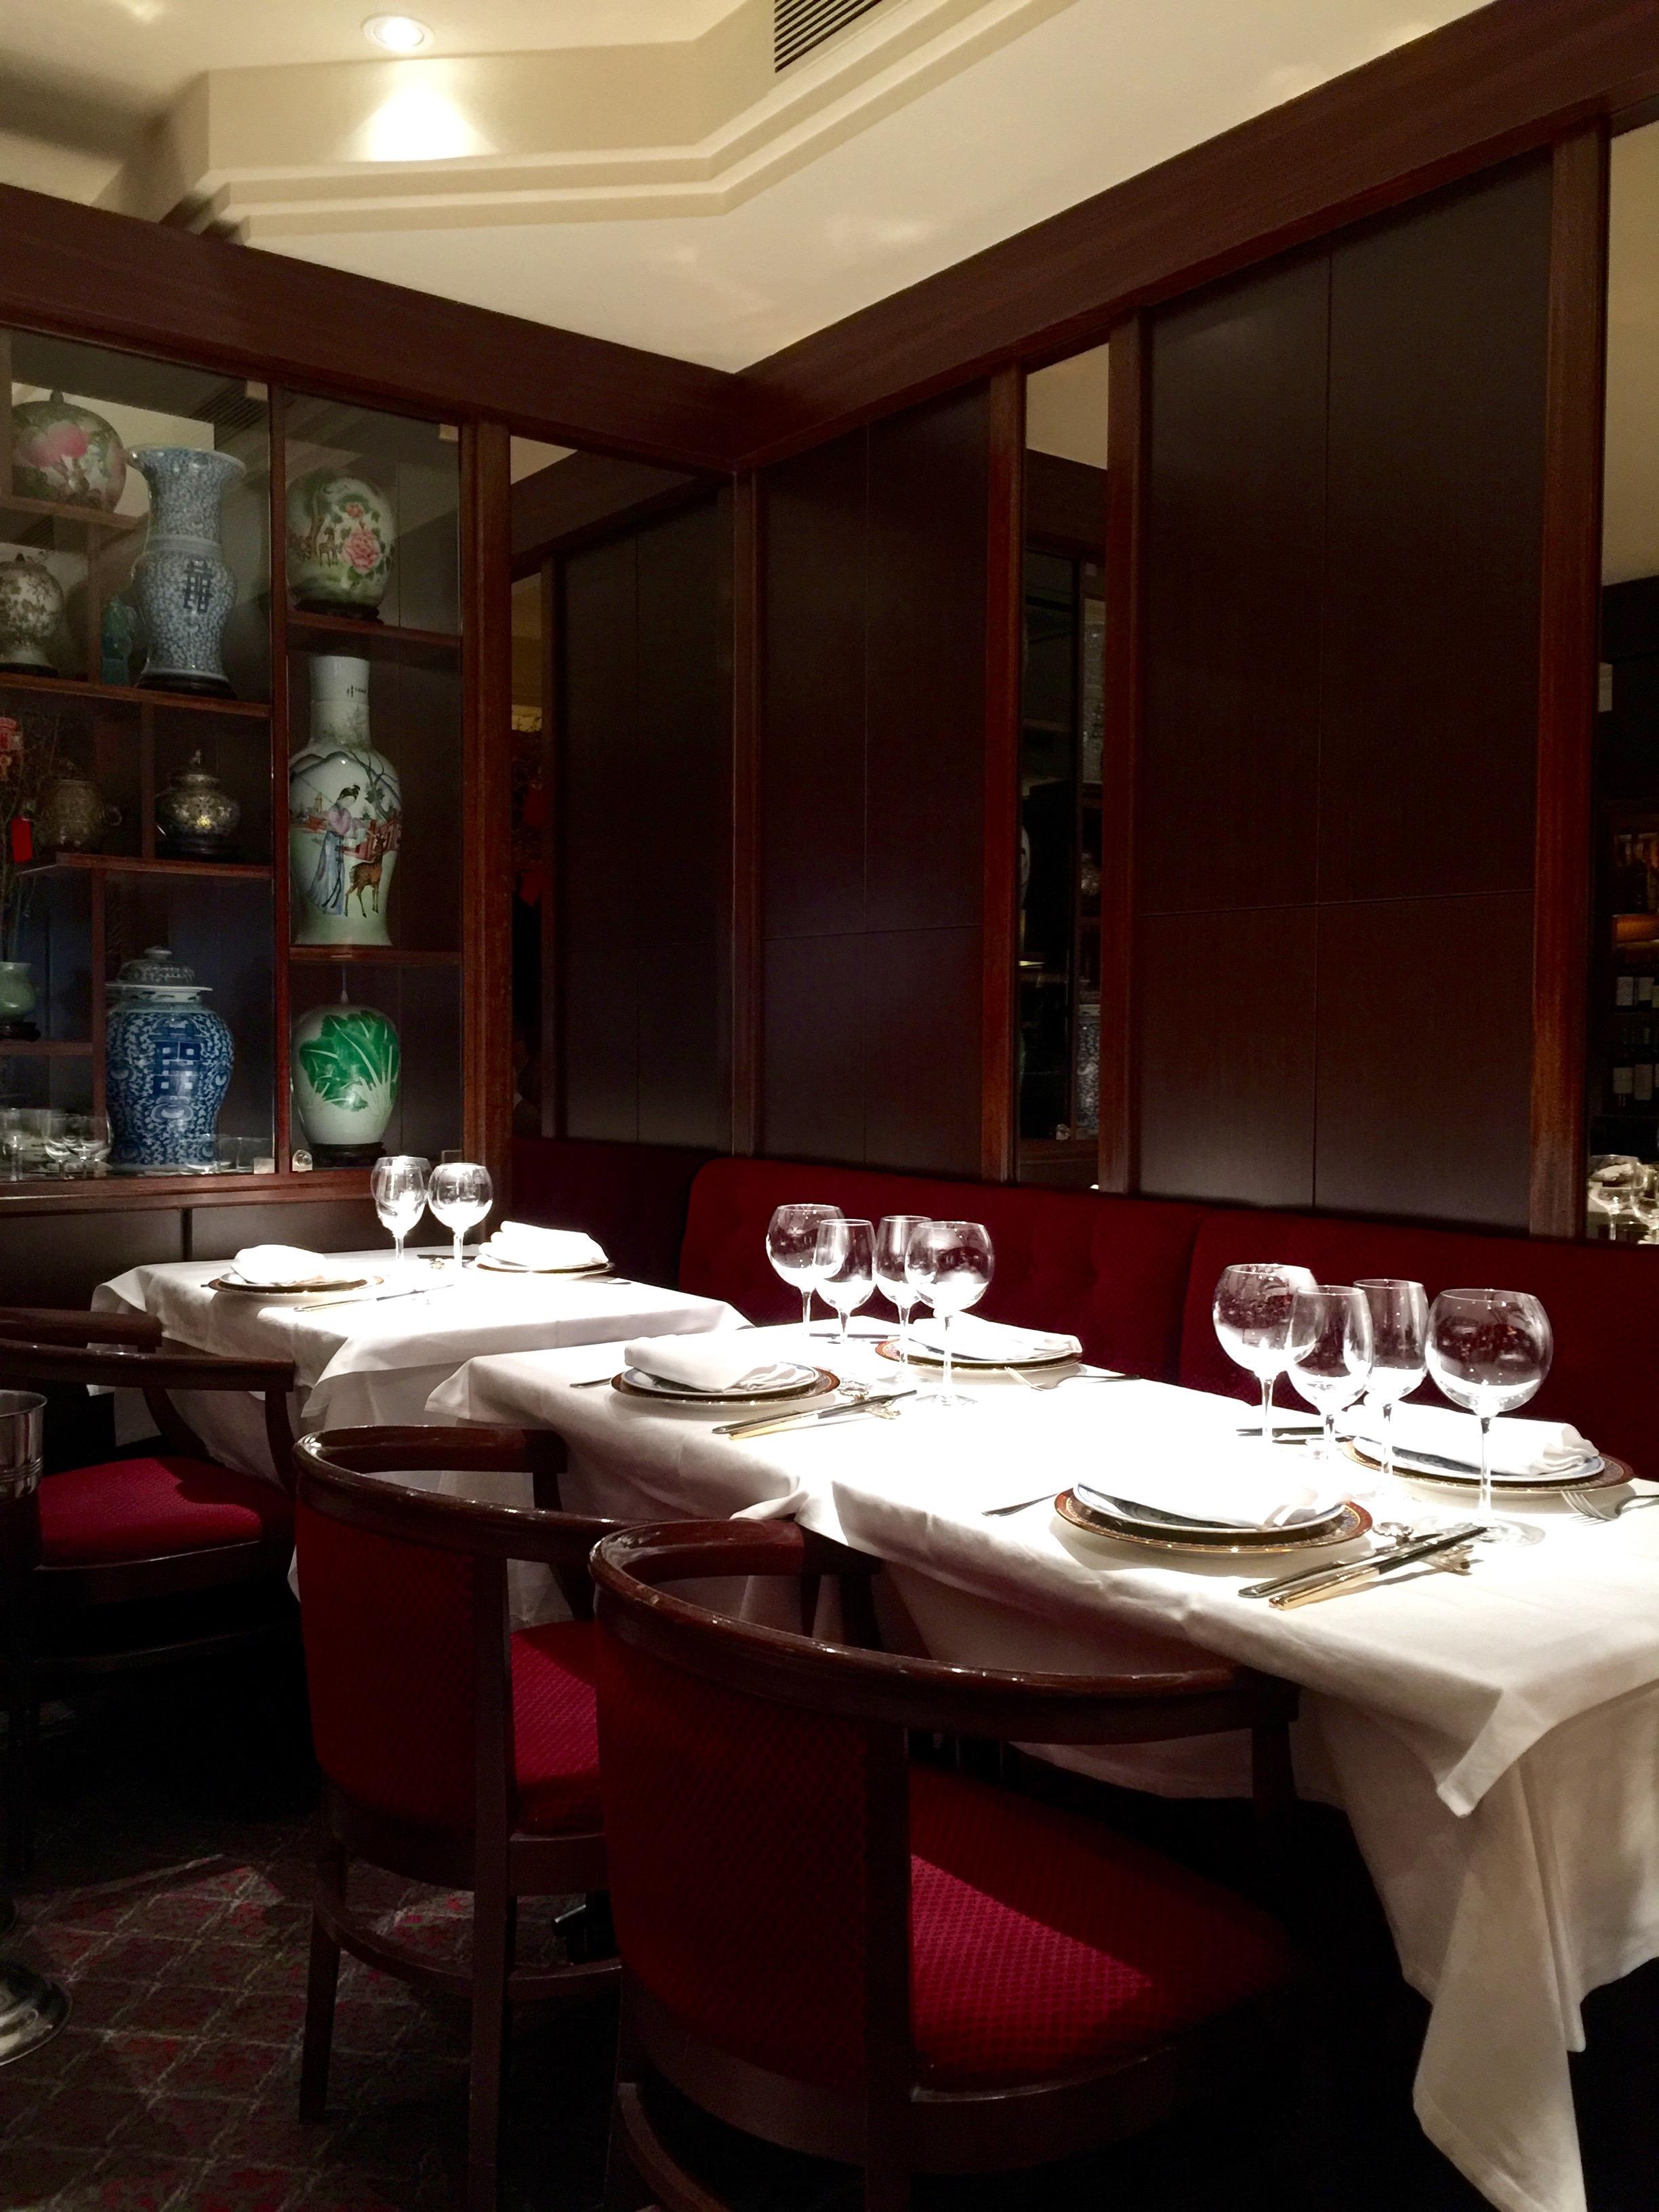 chez ly un des meilleurs restaurants chinois de paris. Black Bedroom Furniture Sets. Home Design Ideas